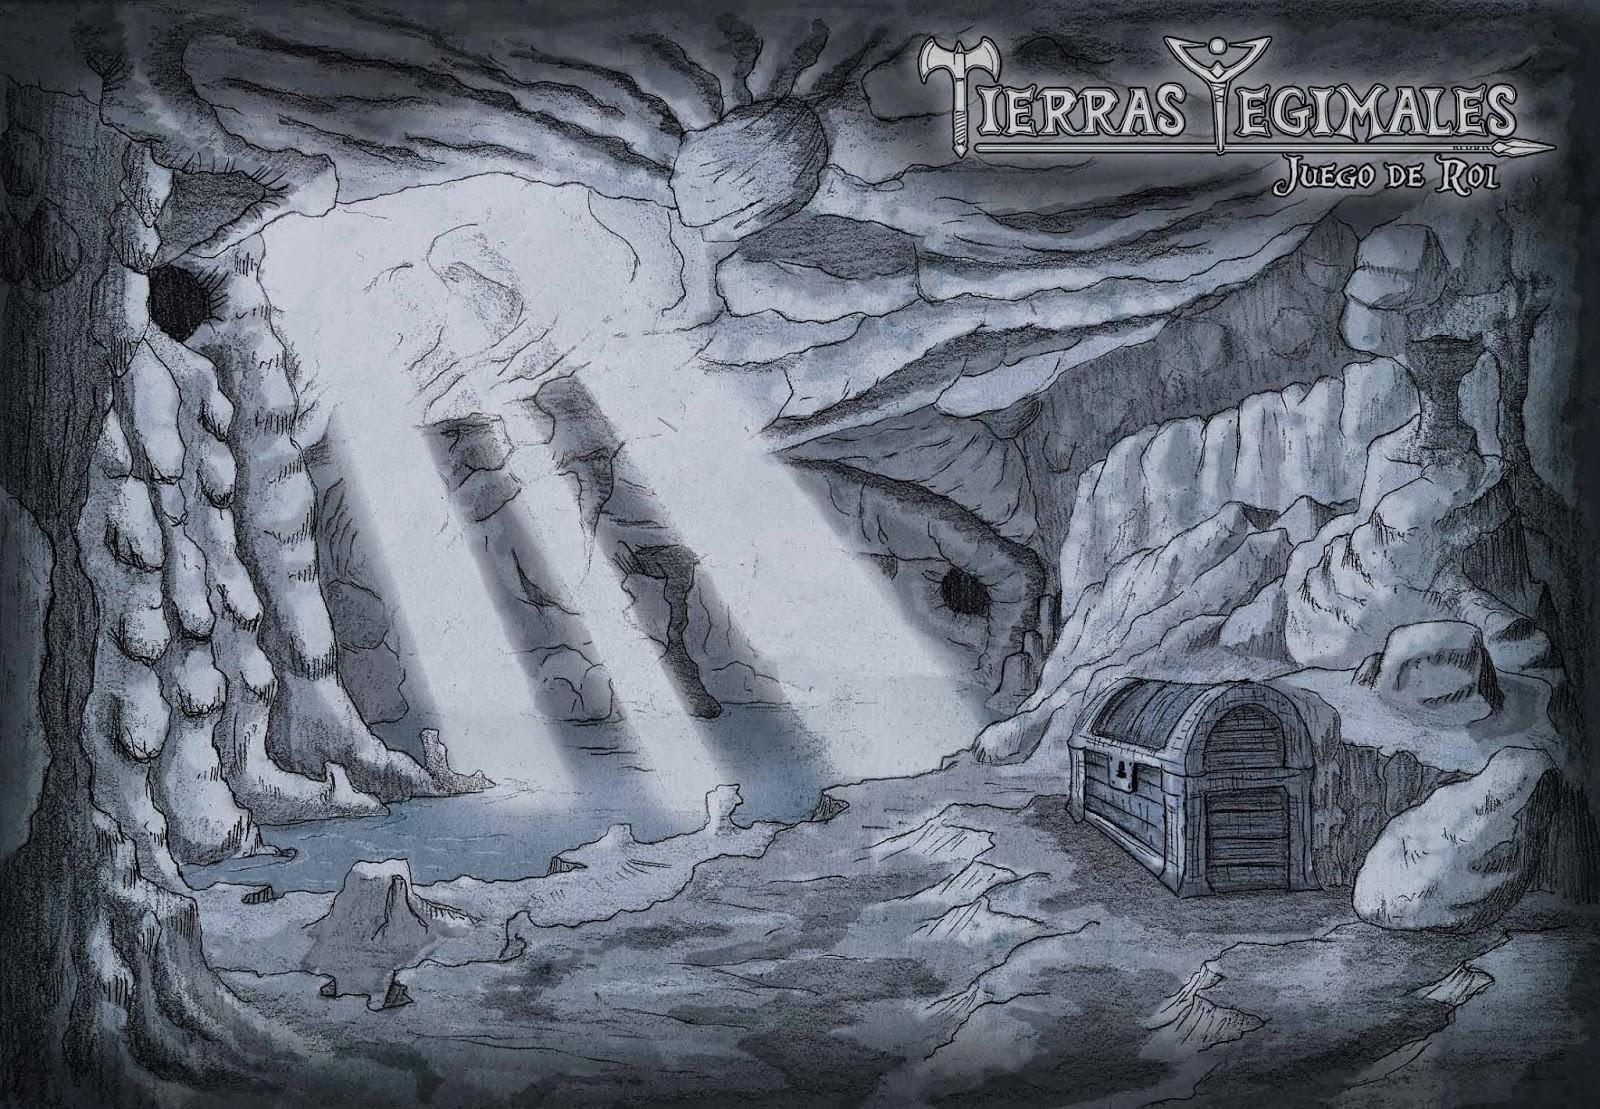 Daniel menendez caverna pirata